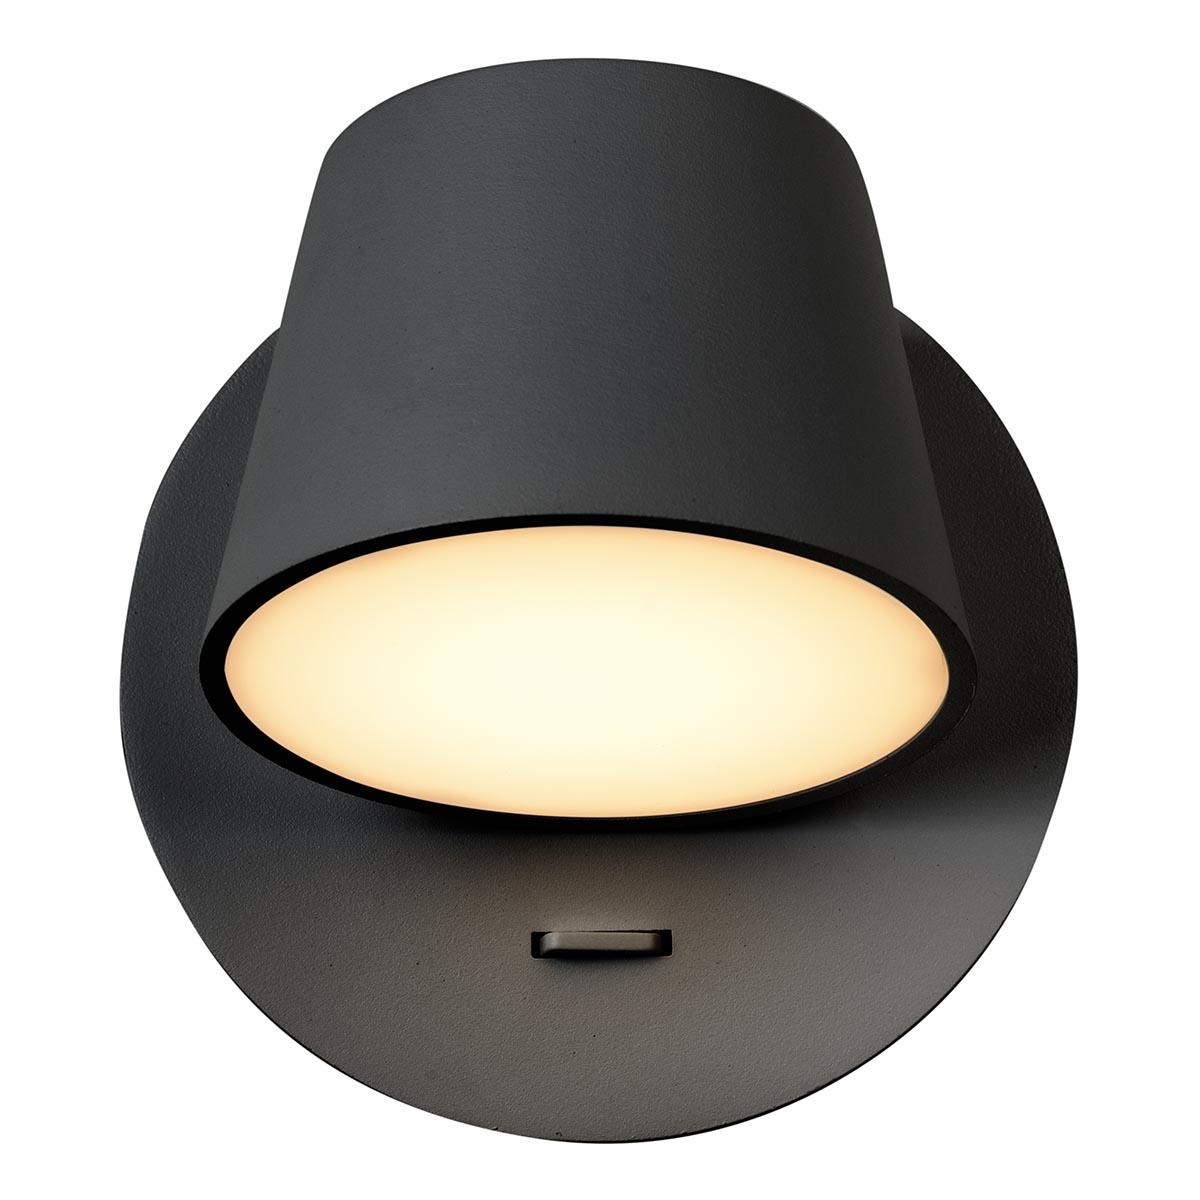 Спот iLedex W1118-1S BK Flexin спот iledex светодиодный flexin w1118 2as bk